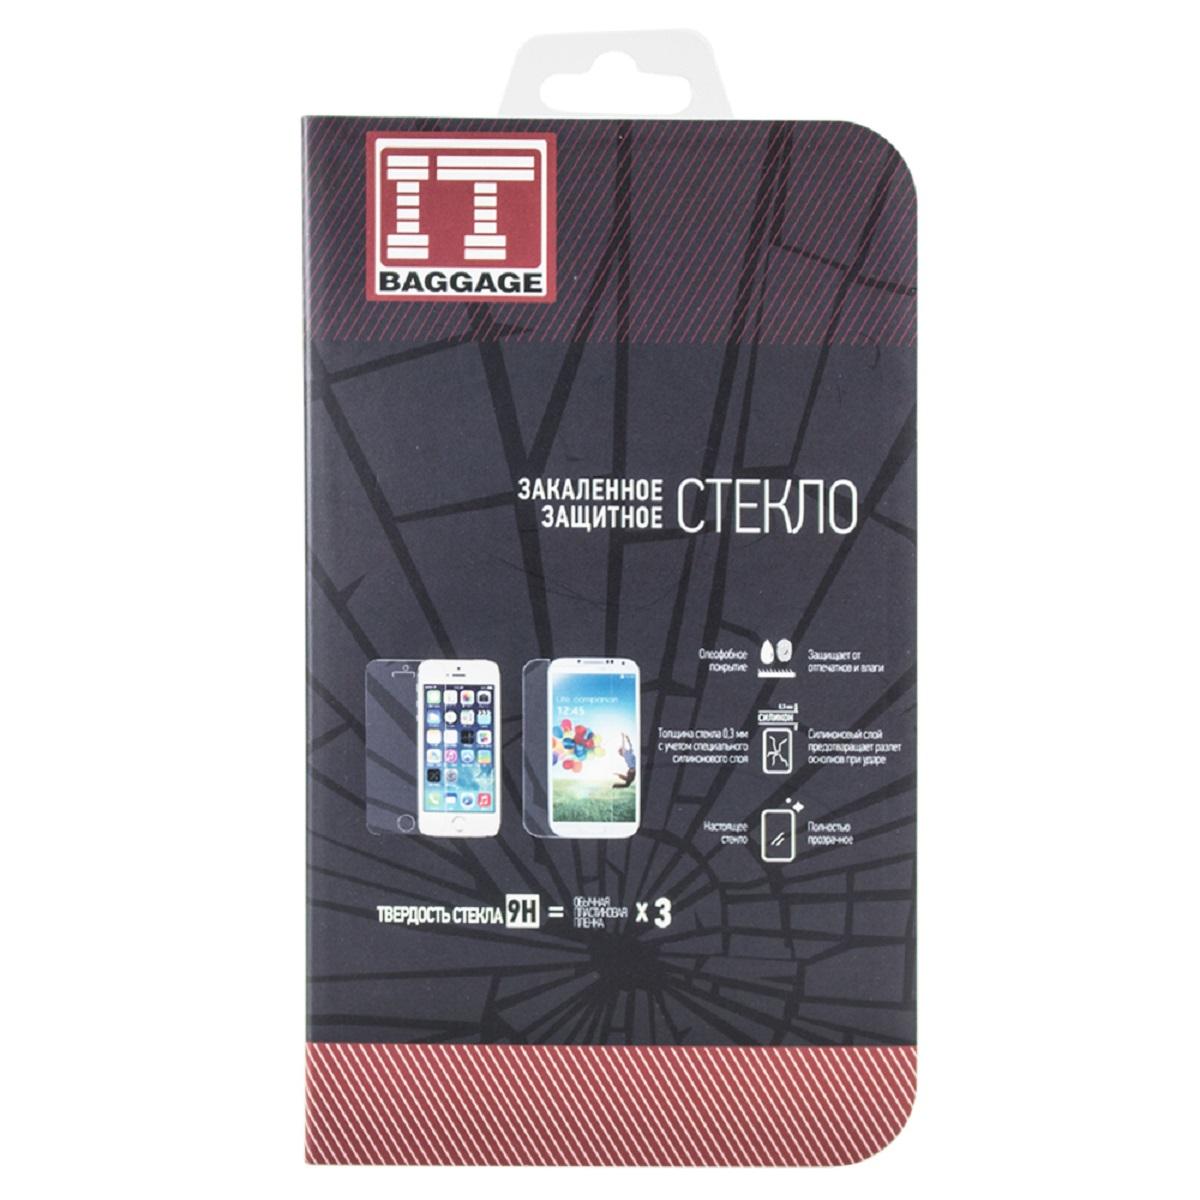 IT Baggage защитное стекло для Lenovo VIBE S1ITLNVBS1GЗакаленное стекло IT Baggage для Lenovo VIBE S1 - это самый верный способ защитить экран от повреждений и загрязнений. Обладает высочайшим уровнем прозрачности и совершенно не влияет на отклик экранного сенсора и качество изображения. Препятствует появлению отпечатков и пятен. Удалить следы жира и косметики с поверхности аксессуара не составить ни какого труда. Характеристики защитного стекла делают его износостойким к таким механическим повреждениям, как царапины, сколы, потертости. При сильном ударе разбившееся стекло не разлетается на осколки, предохраняя вас от порезов, а экран устройства от повреждений. После снятия защитного стекла с поверхности дисплея, на нем не остаются повреждения, такие как потертости и царапины.